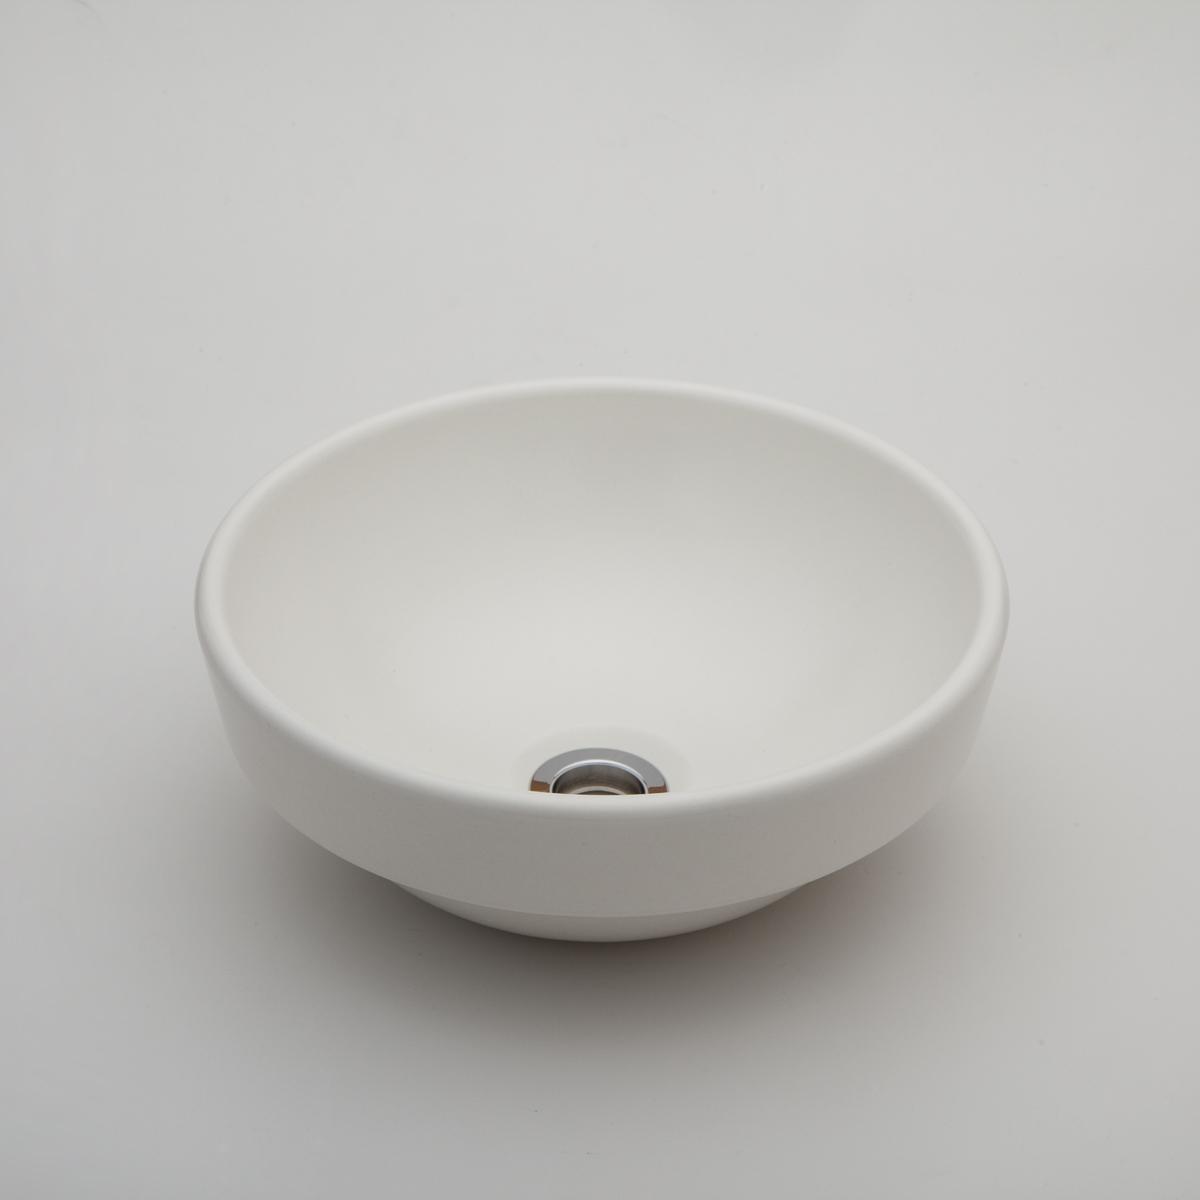 『カード対応OK!』###リラインス リブ付手洗器【LSM5-MO】(素白) (手洗器のみ) モノクロームシリーズ φ275 受注約2週間